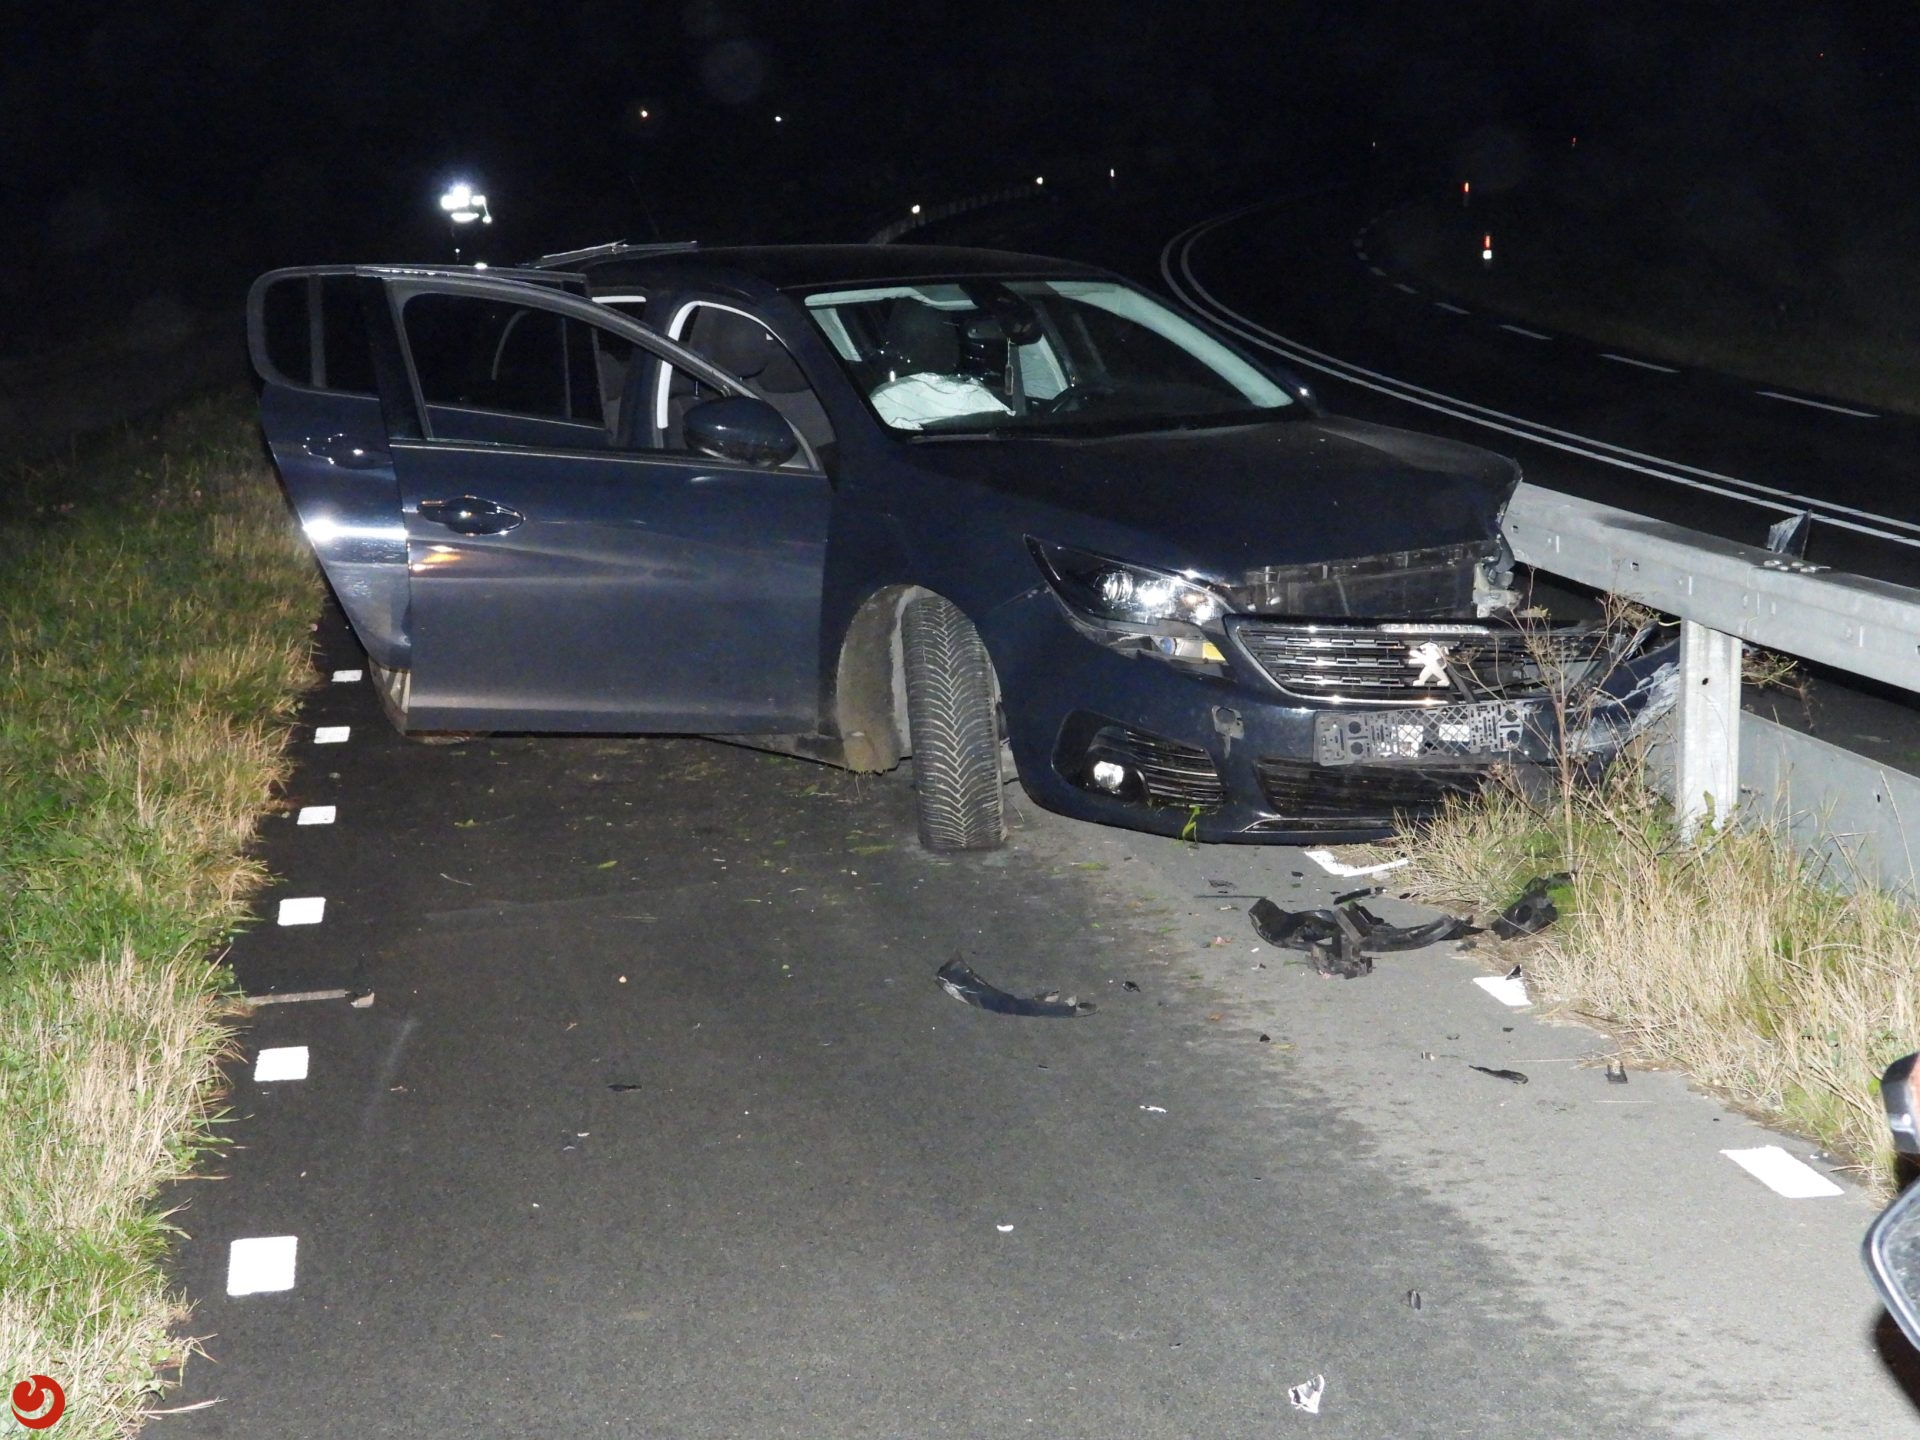 Inzittenden gevlucht na eenzijdig ongeval in Tzummarum